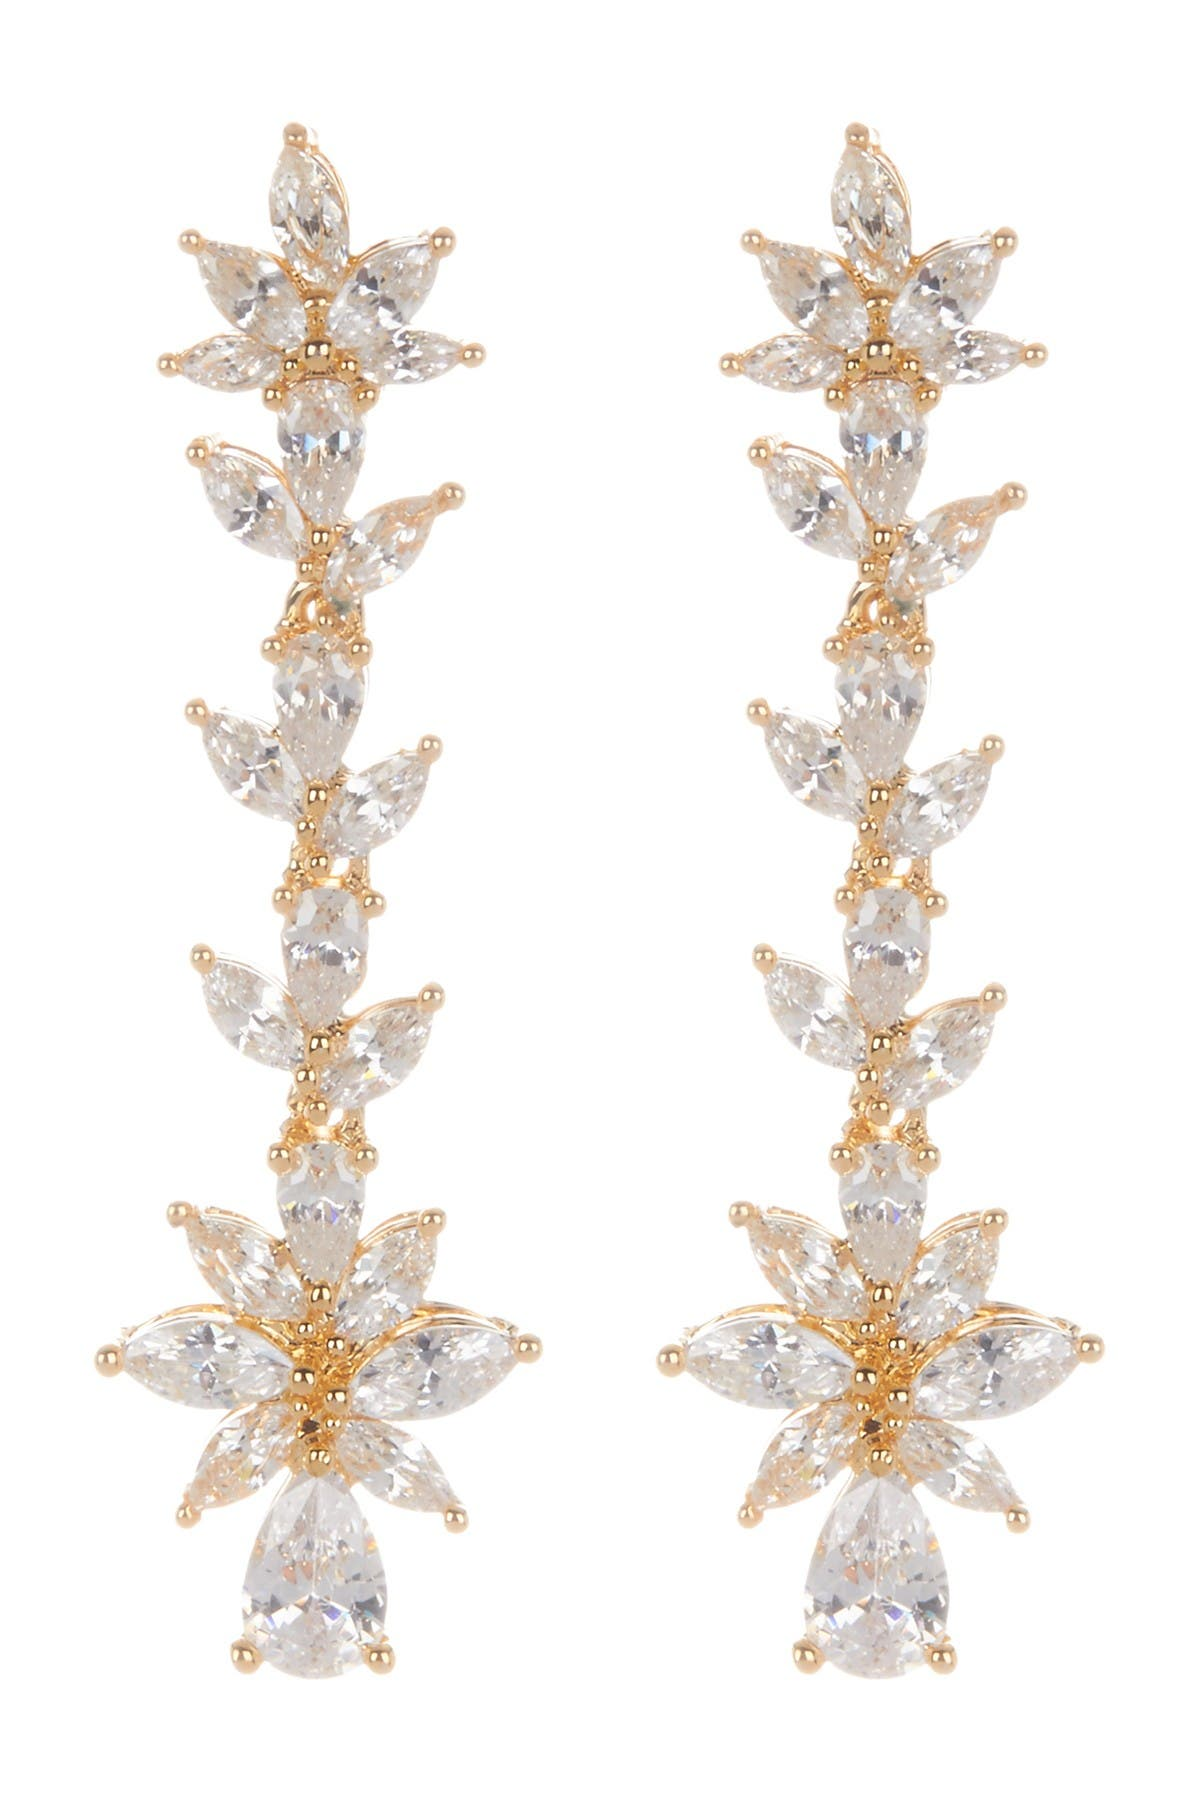 Image of Nordstrom Rack Ornate CZ Linear Dangle Earrings